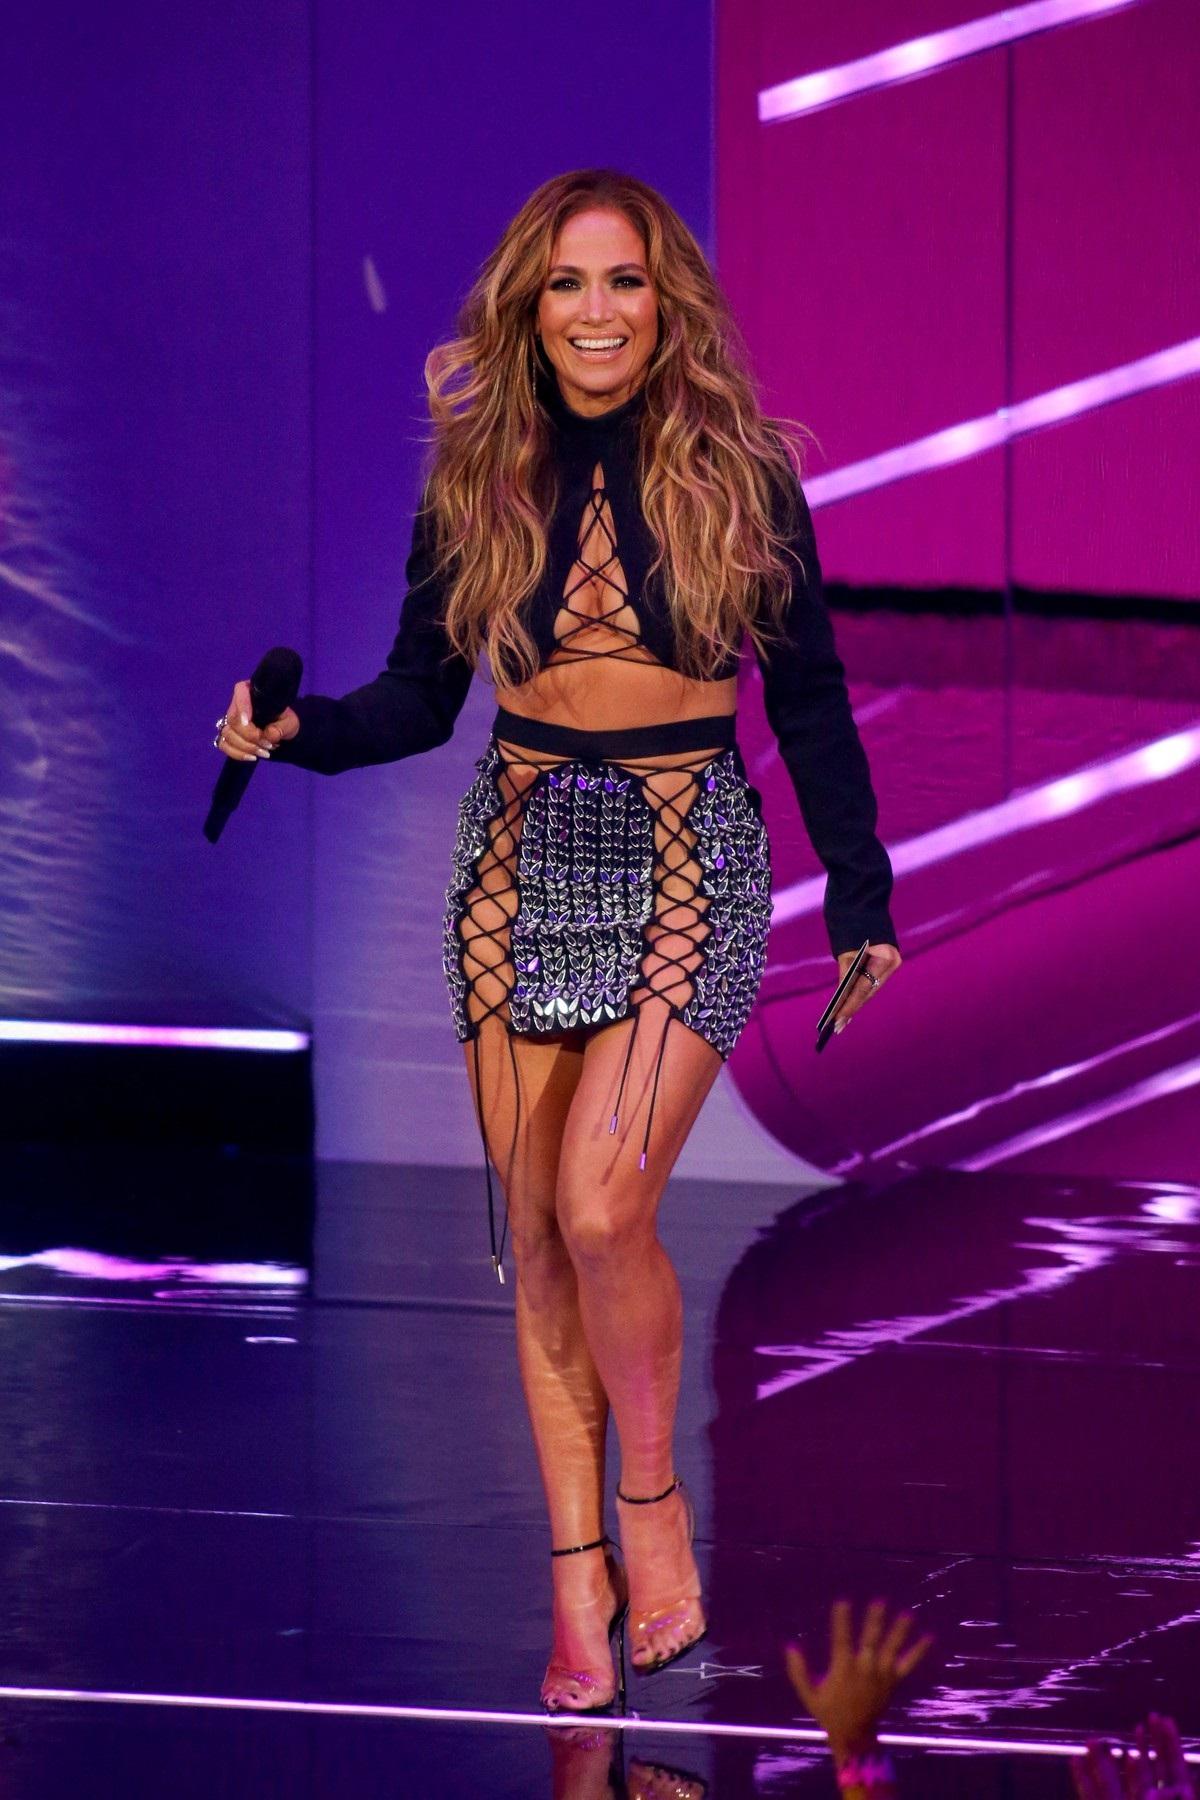 Jennifer Lopez pe scena MTV VMA 2021 purtând o ținută sexy cu o fustă scurtă fără lenjerie intimă